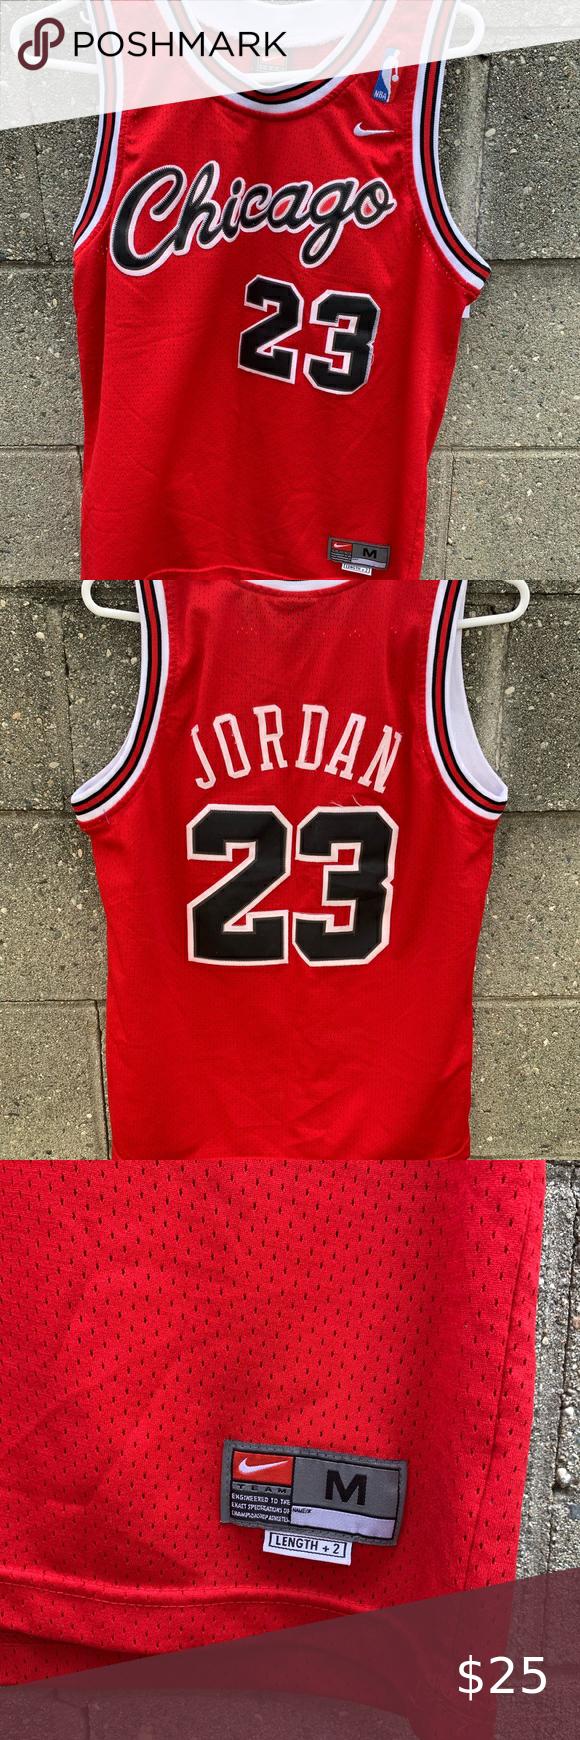 michael jordan jersey youth medium